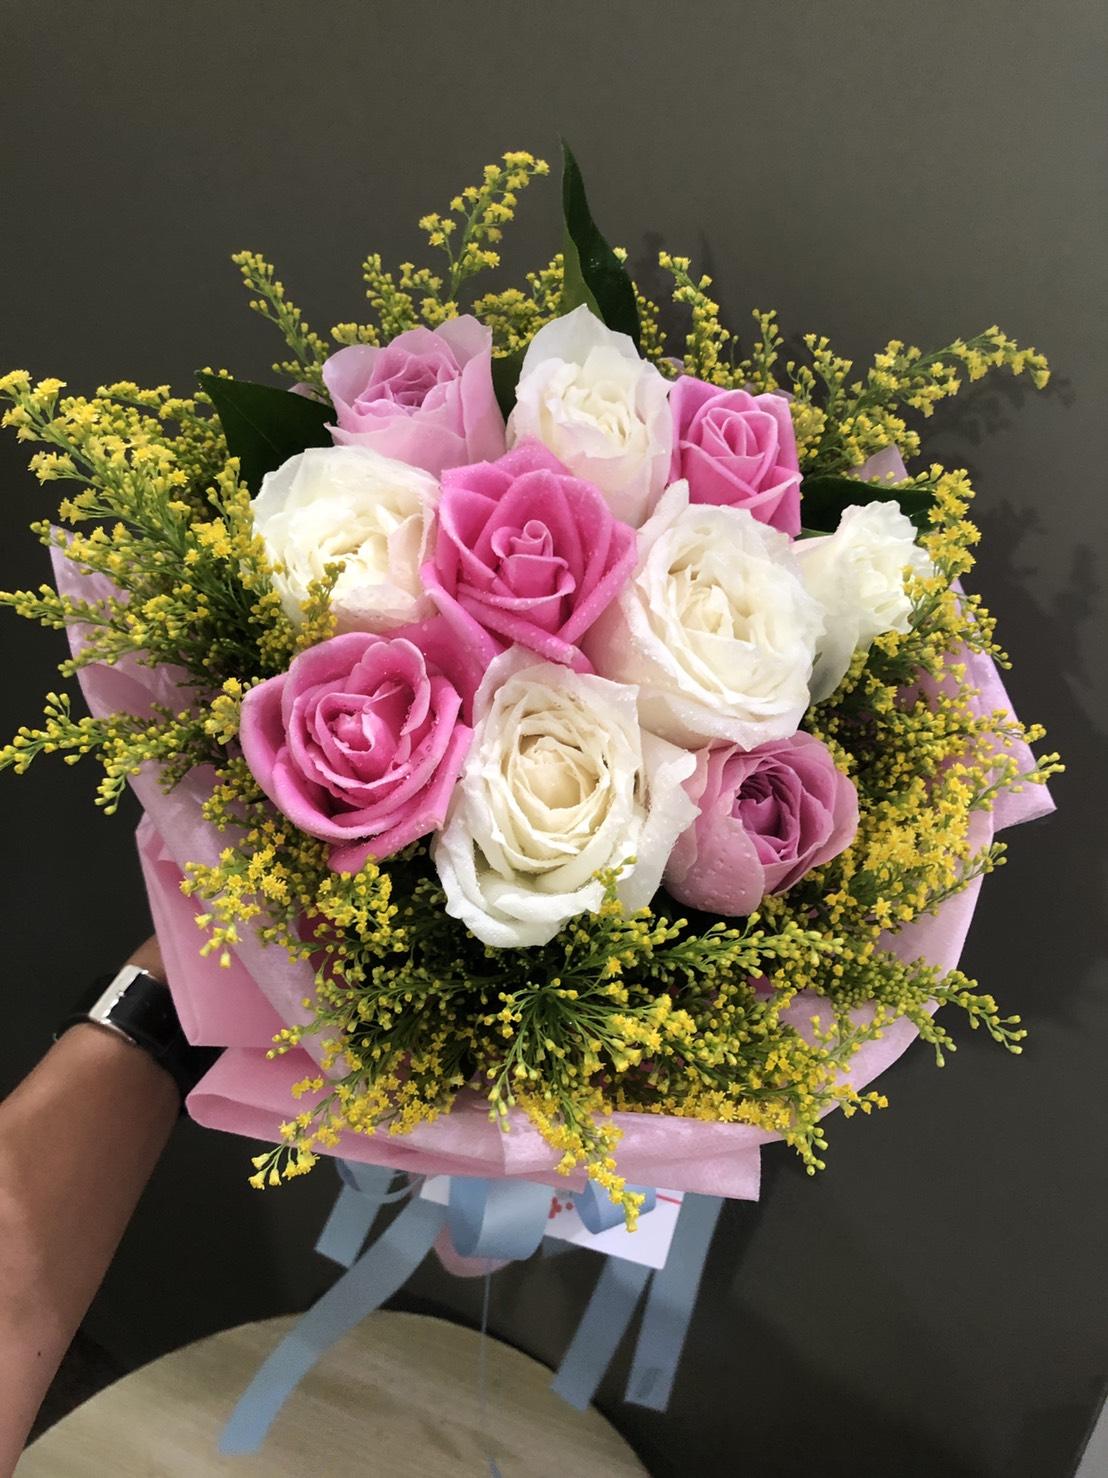 ช่อดอกกุหลาบสีขาวและชมพู แซมด้วยดอกสุ่ย มอบให้แก่คนที่คุณรักได้ทุกโอกาสเลยค่ะ